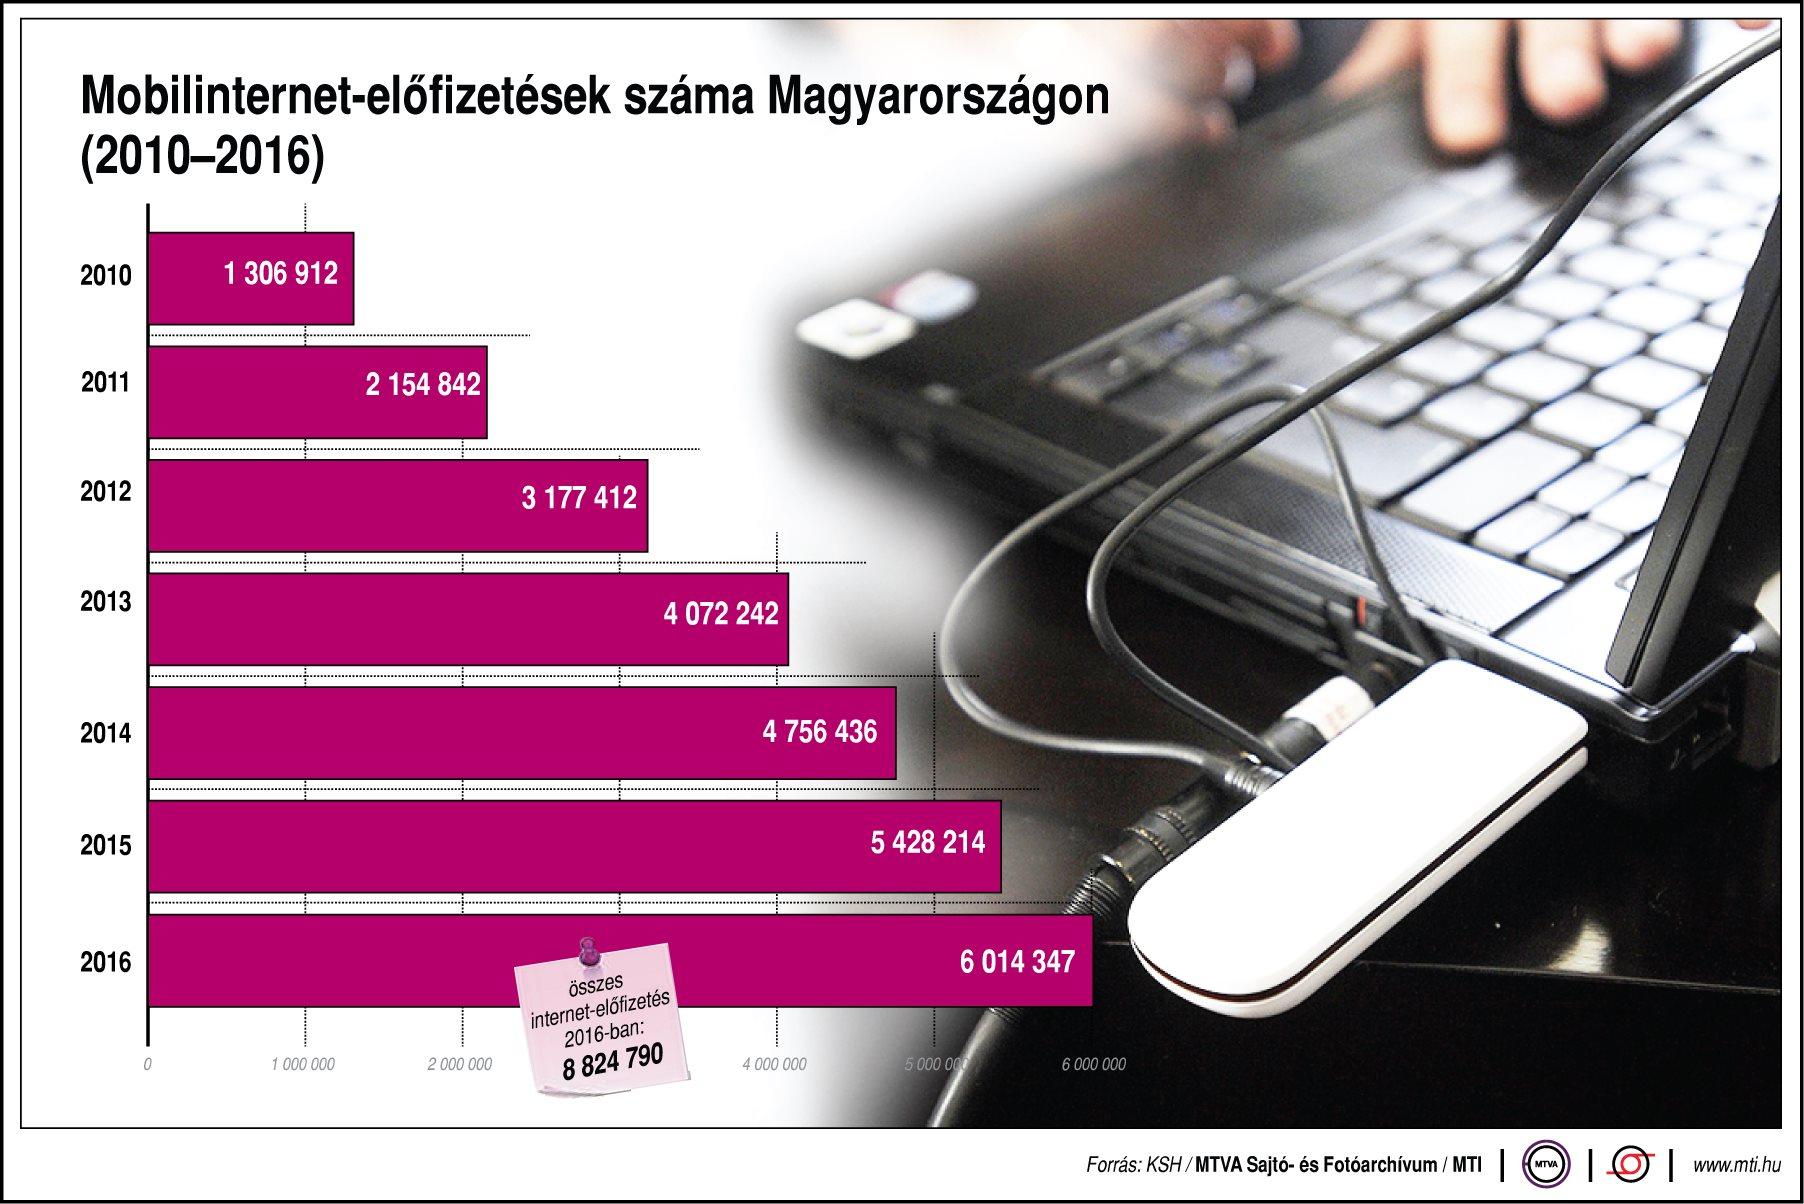 Így nőtt a mobilinternet-előfizetések száma